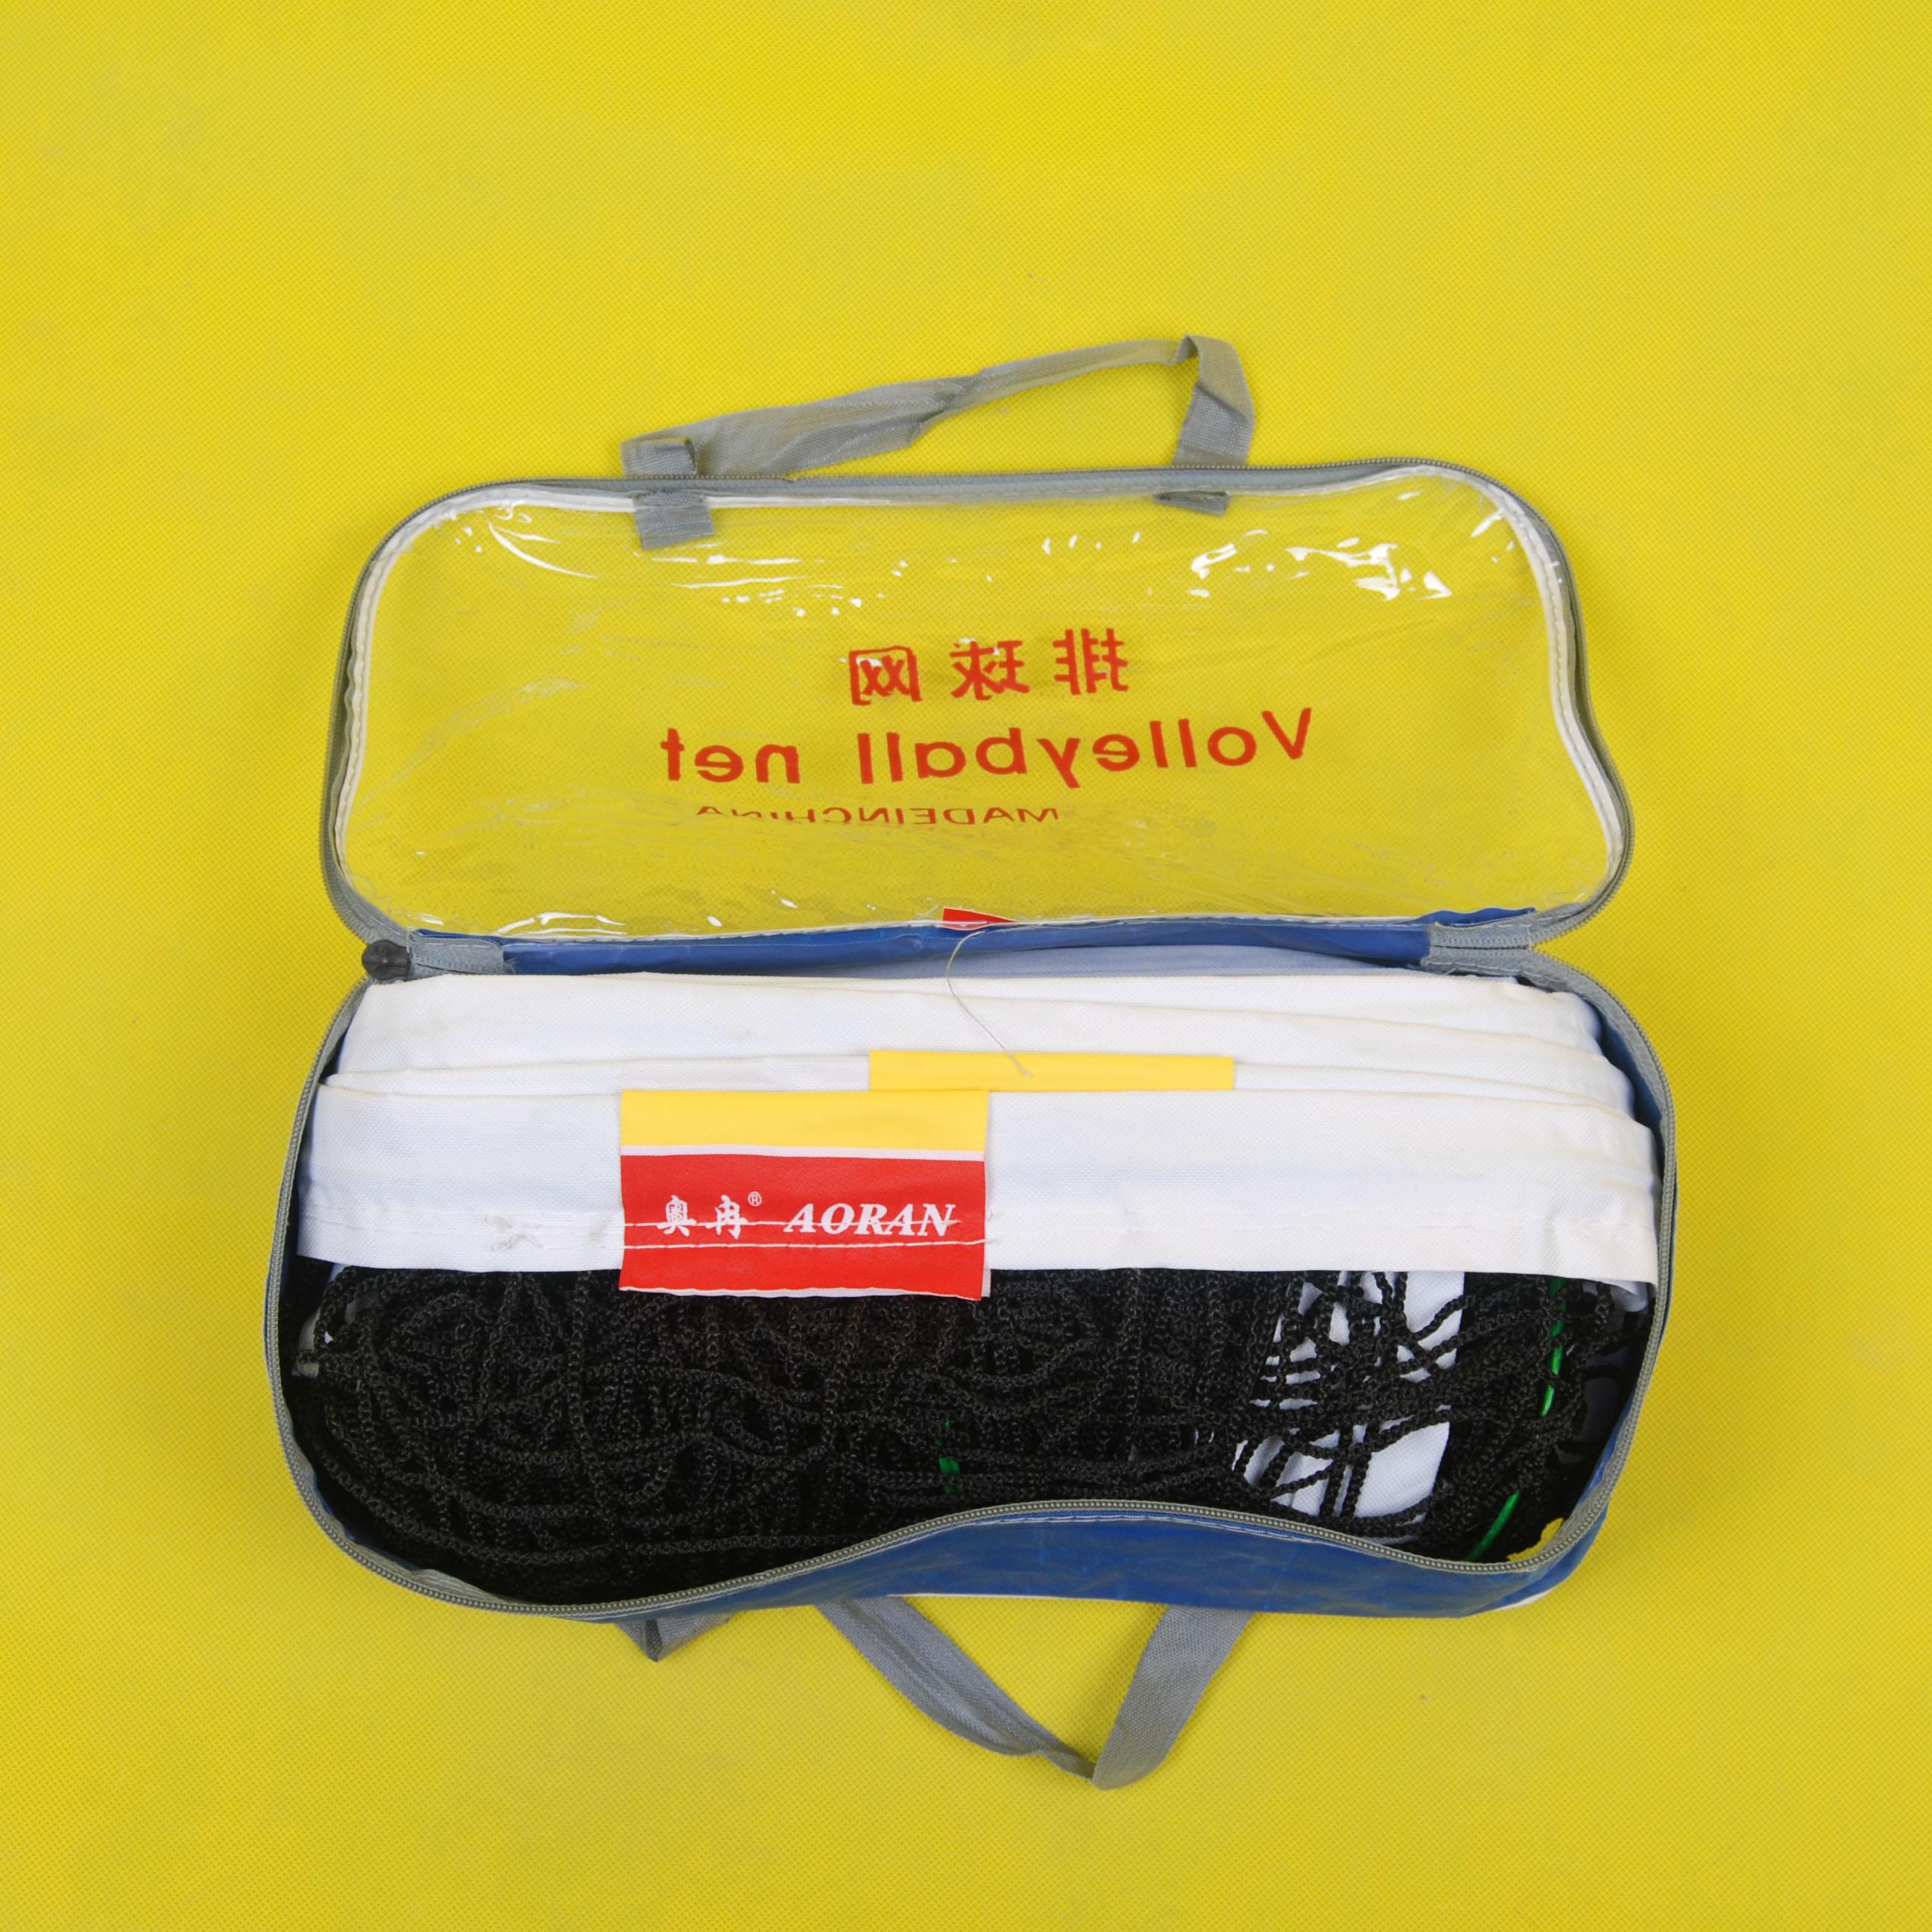 奥冉排球网-AR-003-排球网-专业比赛排球网